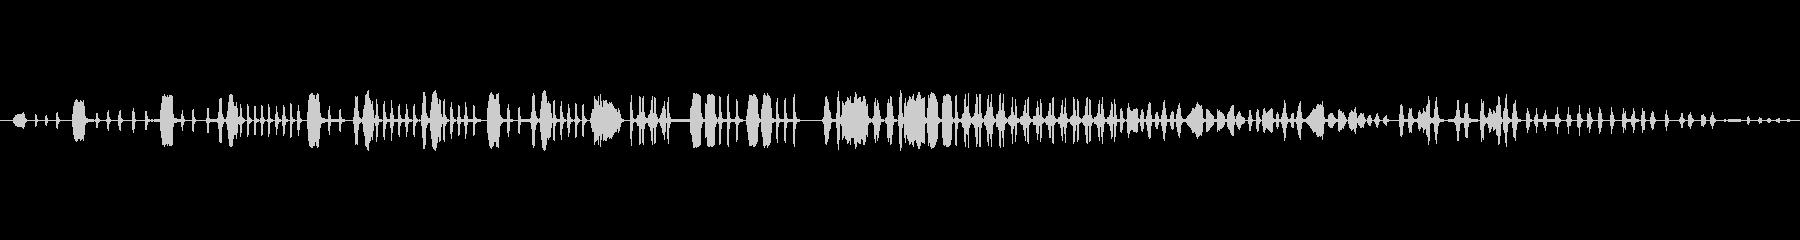 歌う、動物の鳥の未再生の波形